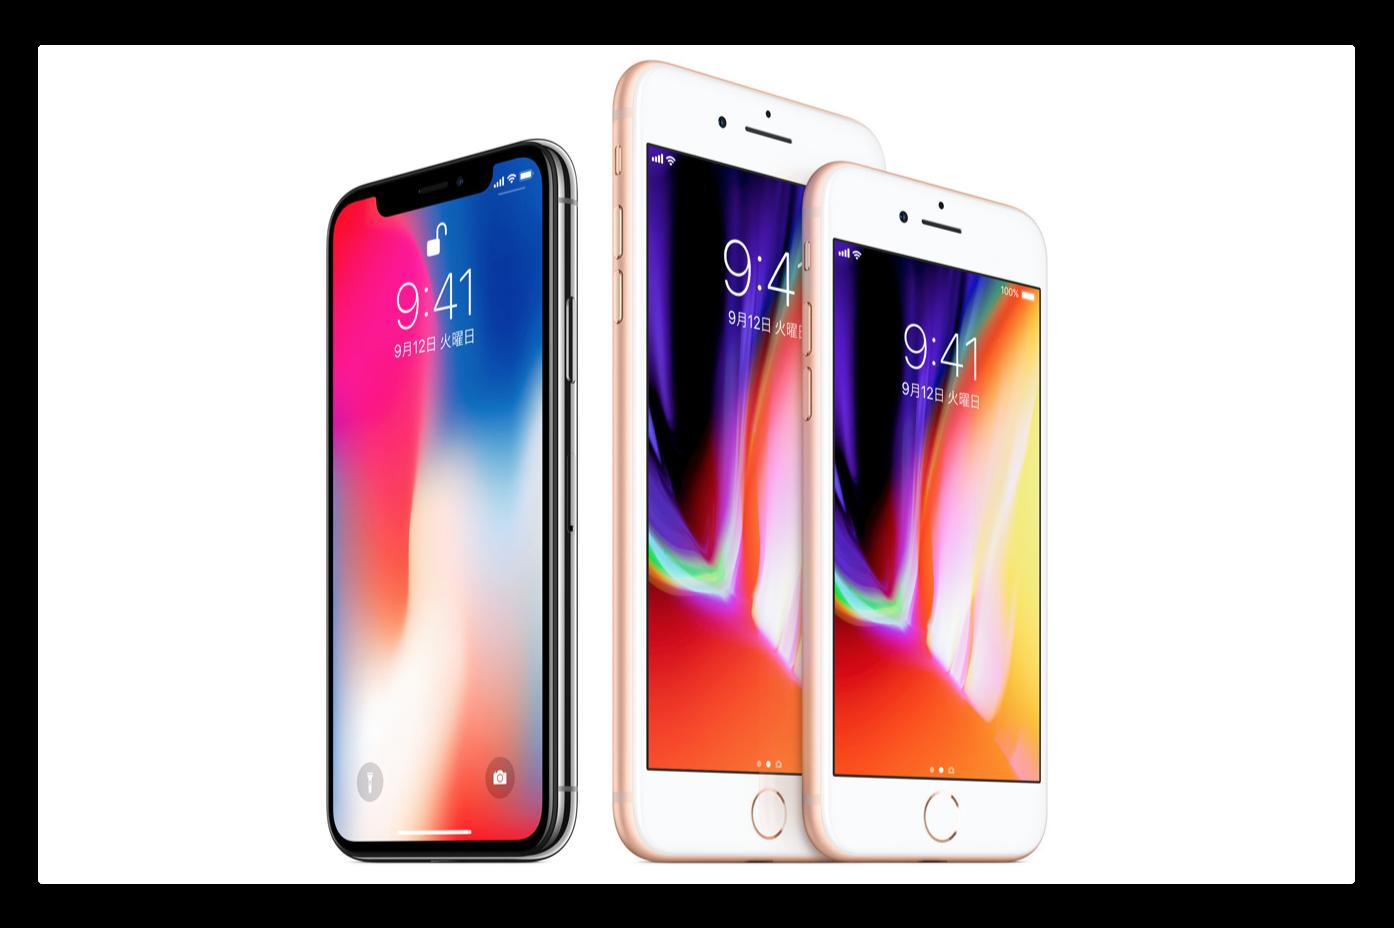 2018年Q1のスマートフォンの販売数は2%減少、平均販売価格の21%上昇はiPhoneが寄与